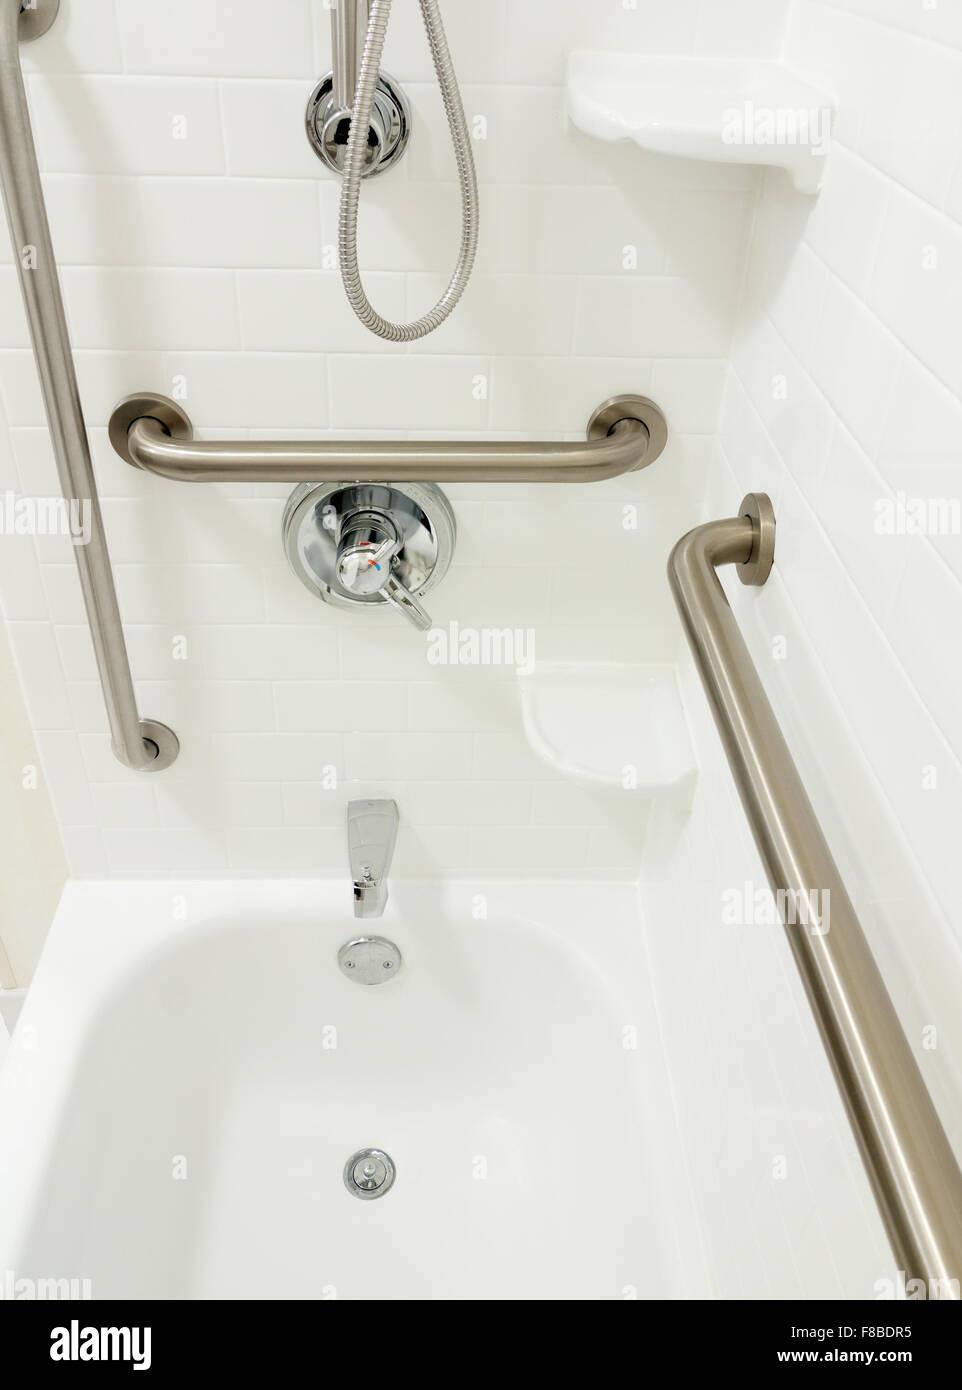 Behinderten Behinderte Dusche Badewanne mit Haltegriffe Stockbild